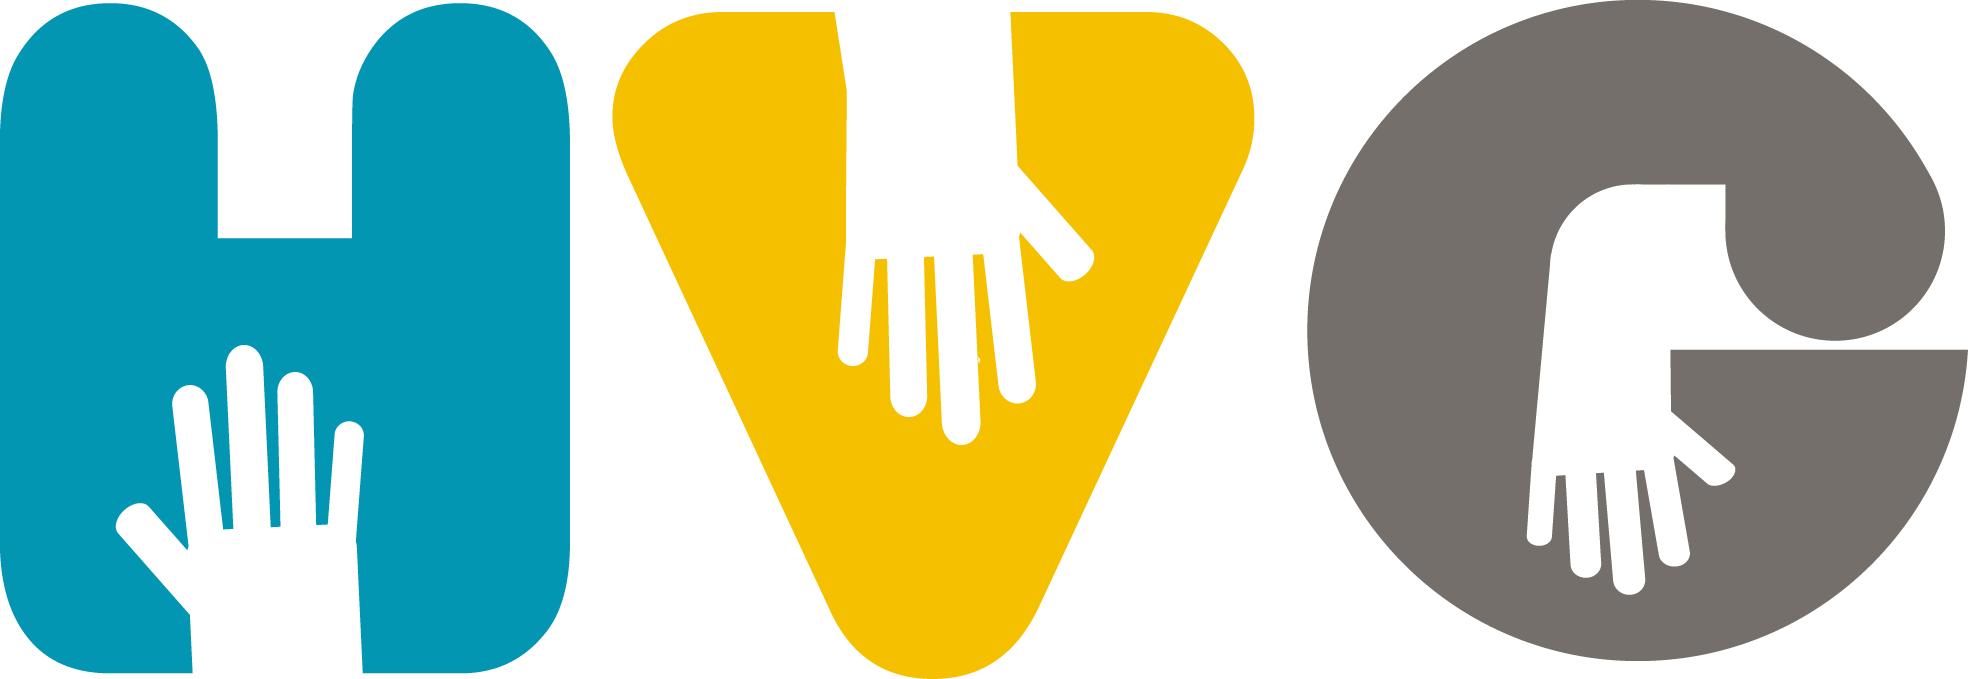 HVG – Heritage Volunteering Group